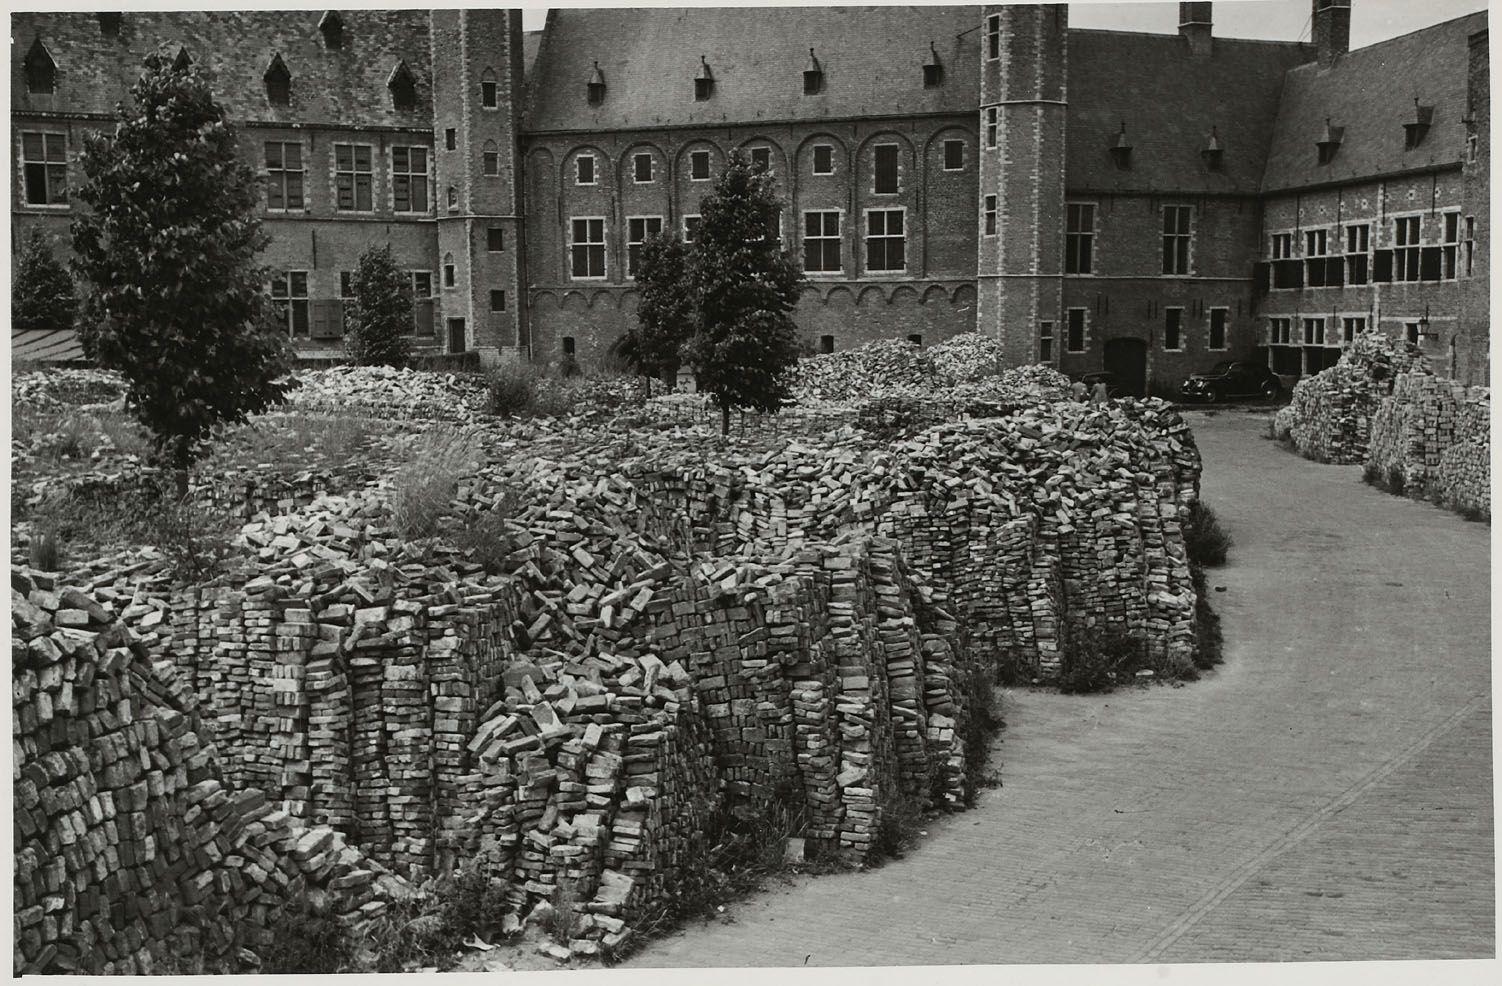 Abdijplein omstreeks 1946. Stapels stenen liggen klaar voor de wederopbouw. (Zeeuws Archief, HTAM, foto Cornelis Henning)